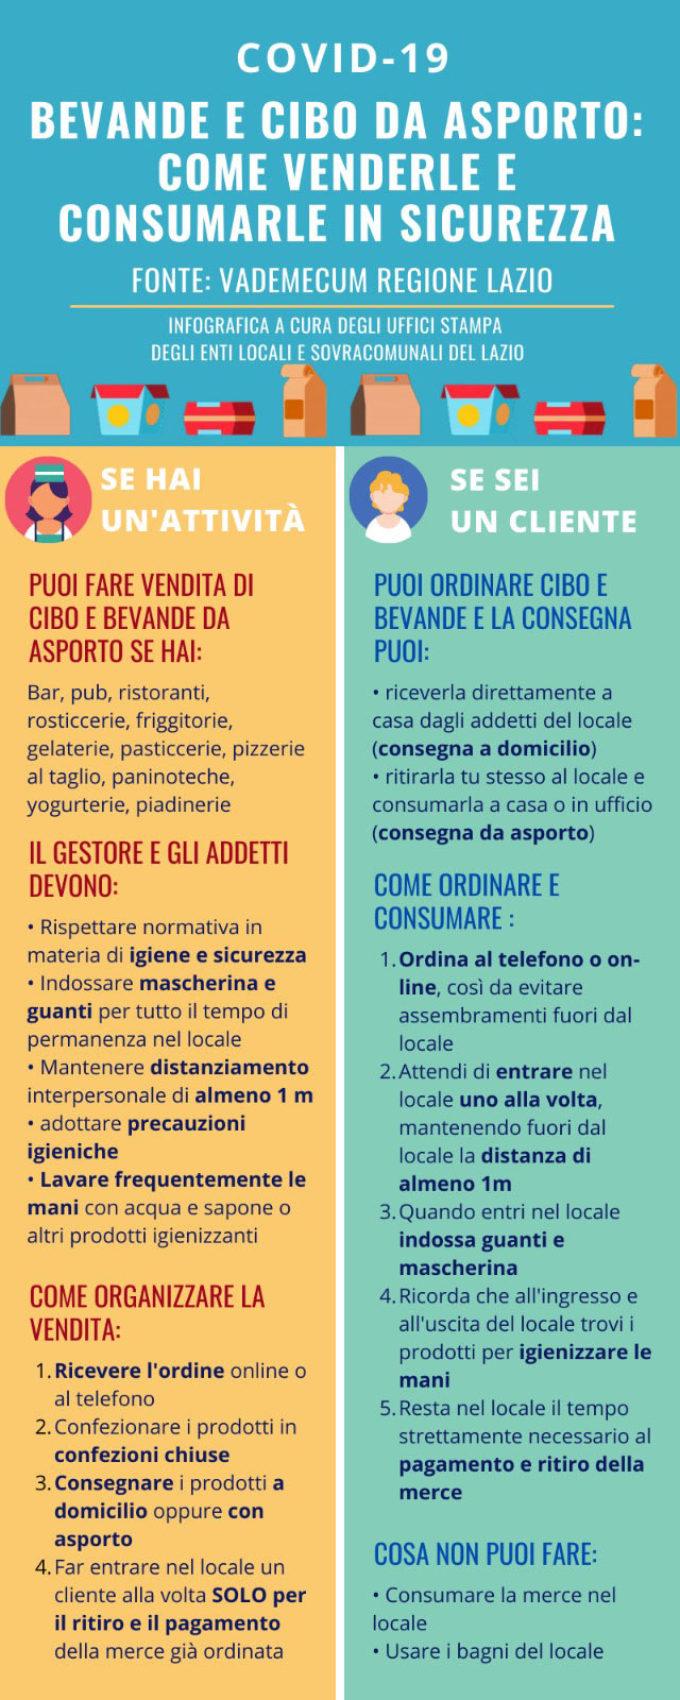 Fase 2 a Pomezia, il Sindaco firma l'ordinanza con le nuove misure in vigore dal 4 al 17 maggio